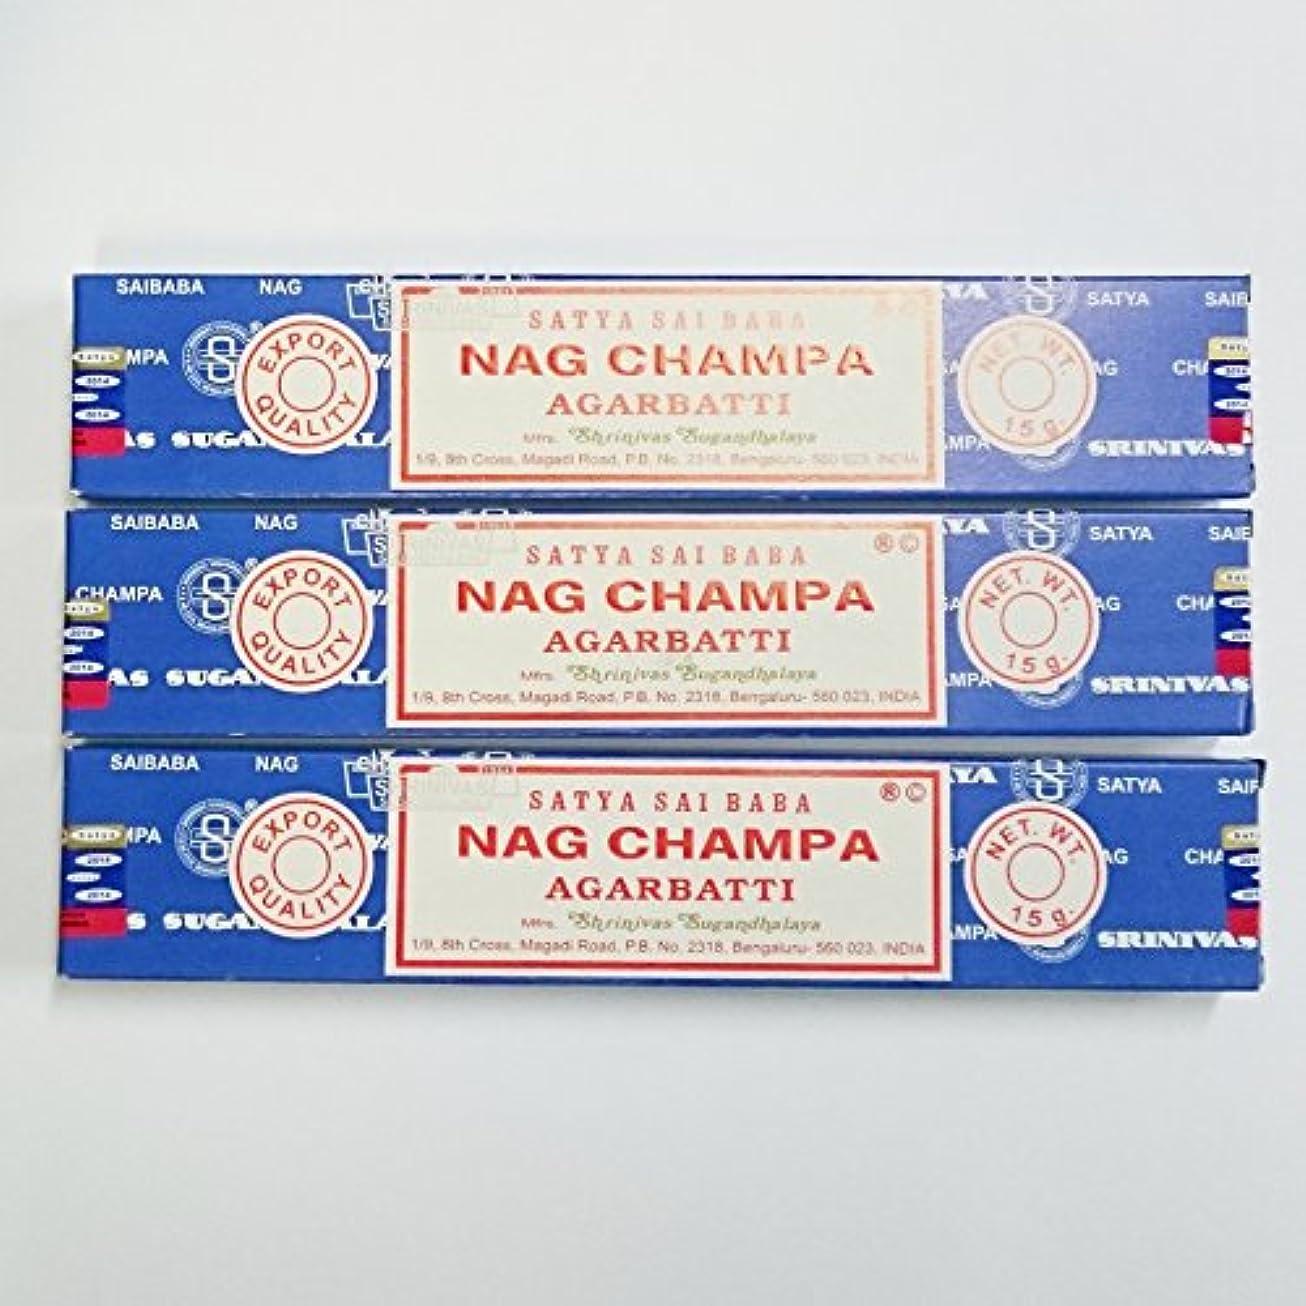 銛置くためにパックできればHEM社の7チャクラ&SATYA サイババナグチャンパ香 3箱セット